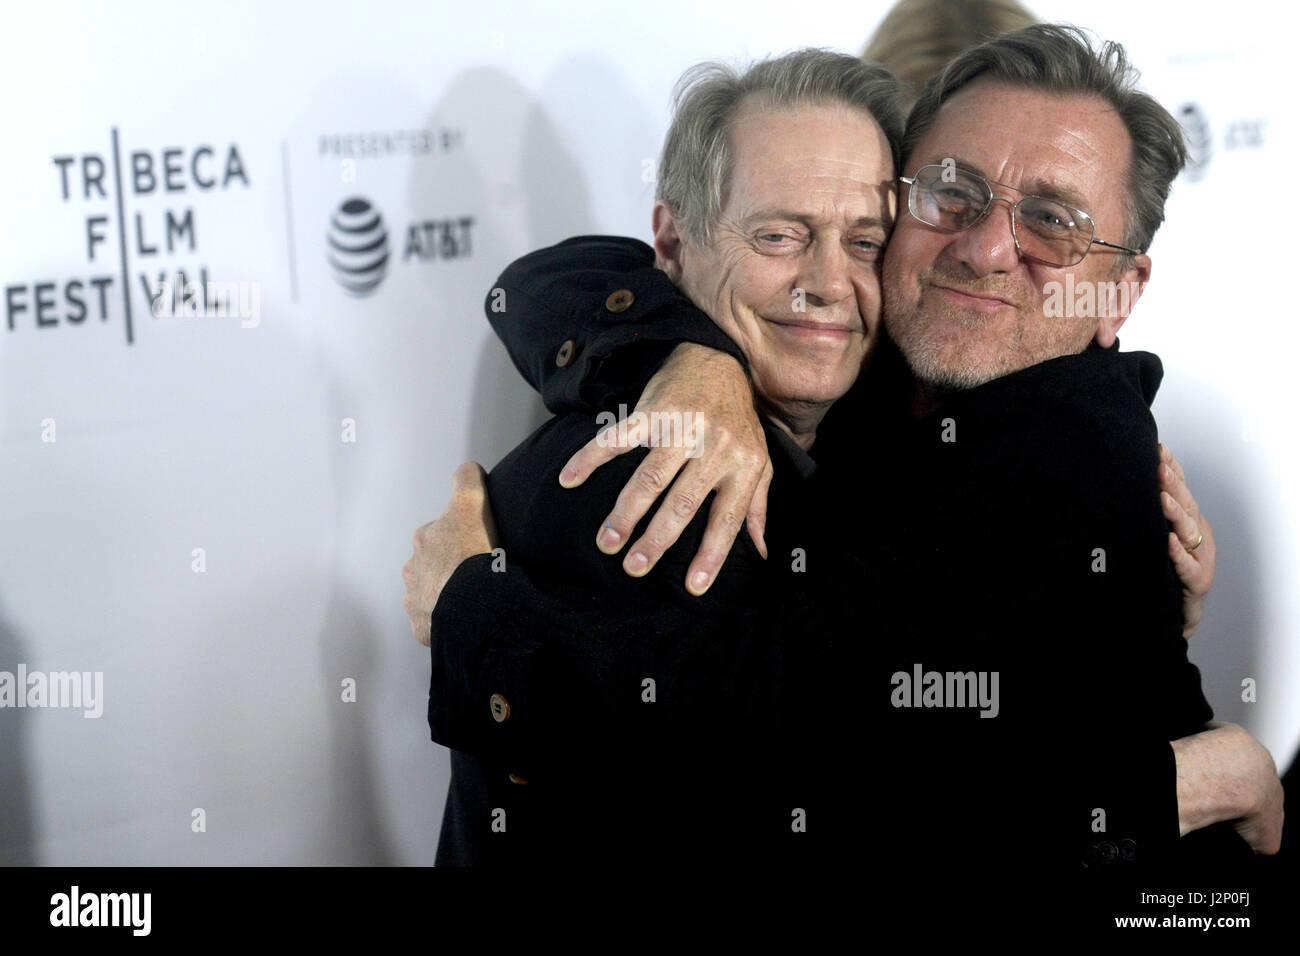 La Ciudad de Nueva York. 28 abr, 2017. Steve Buscemi y Tim Roth asistir a la 'Reservoir Dogs' Selección Imagen De Stock